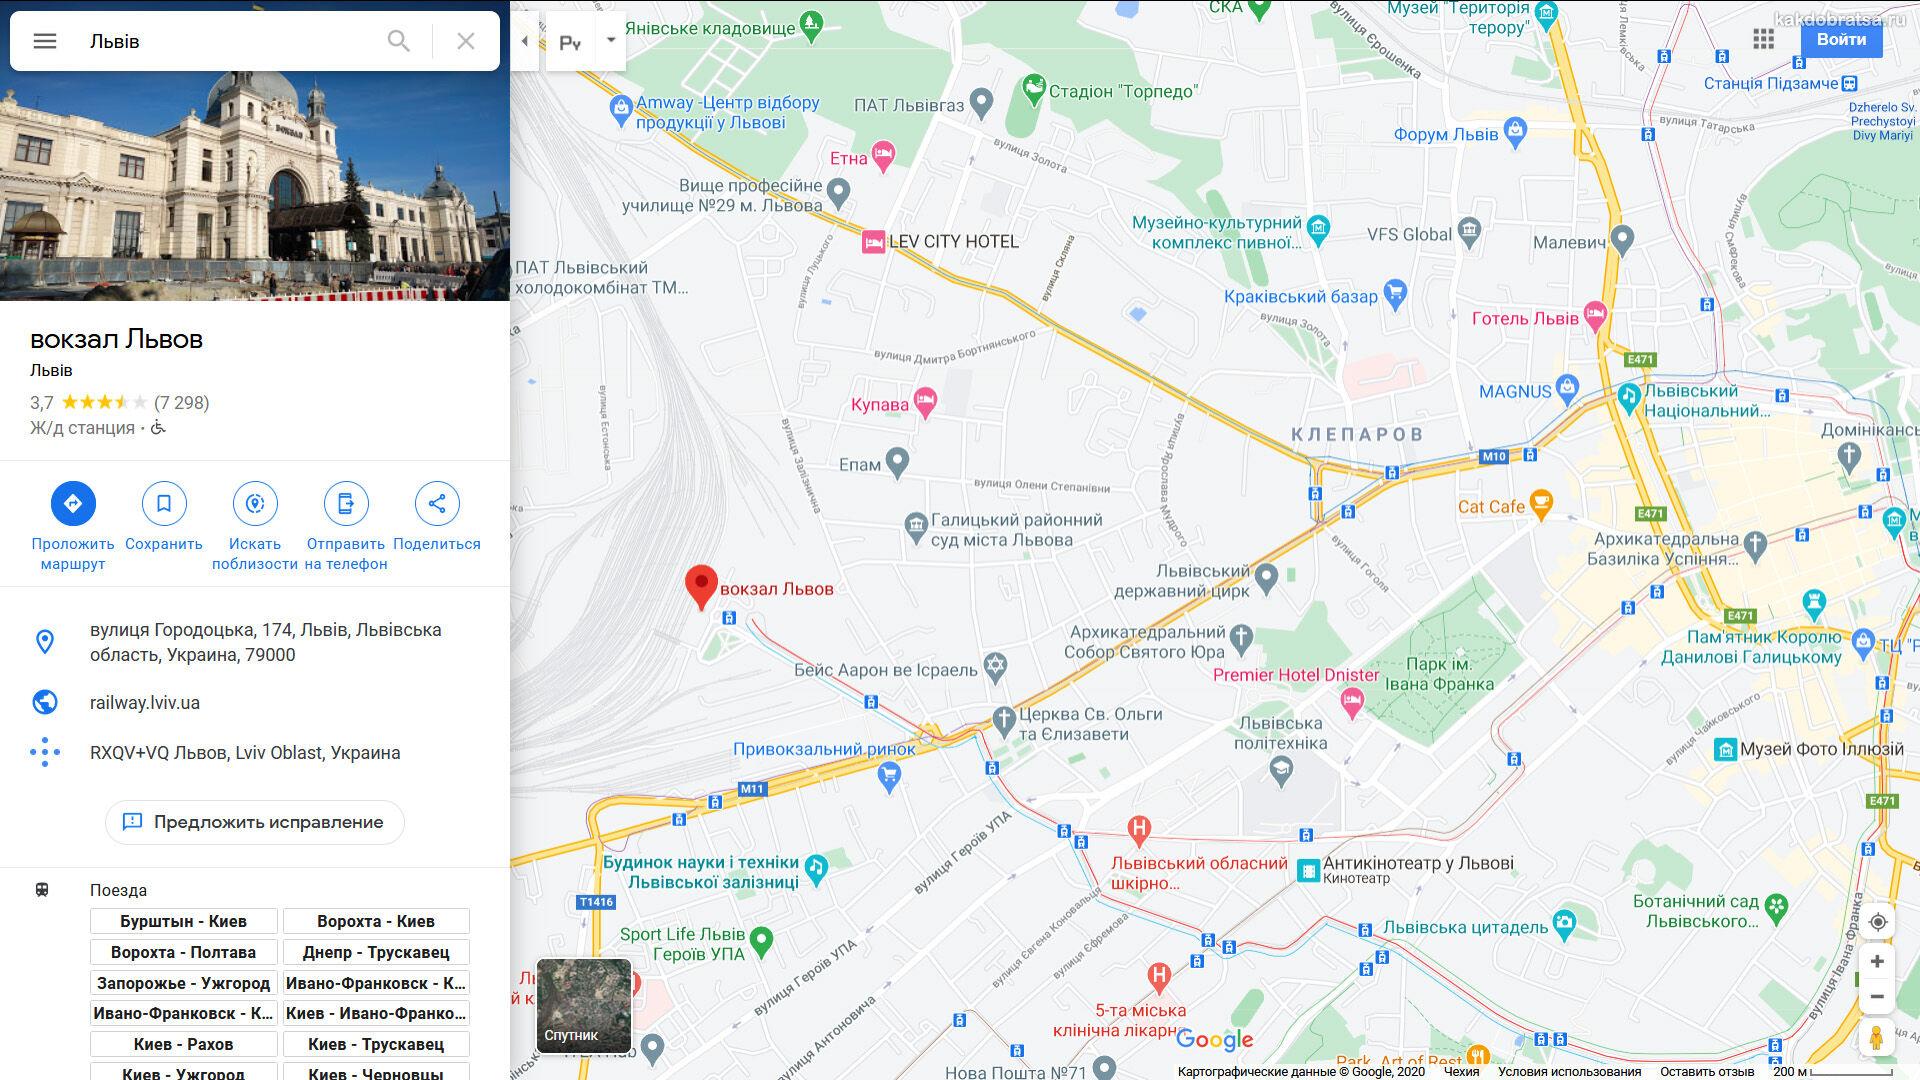 Львов-Главный железнодорожный вокзал на карте, адрес и где находится